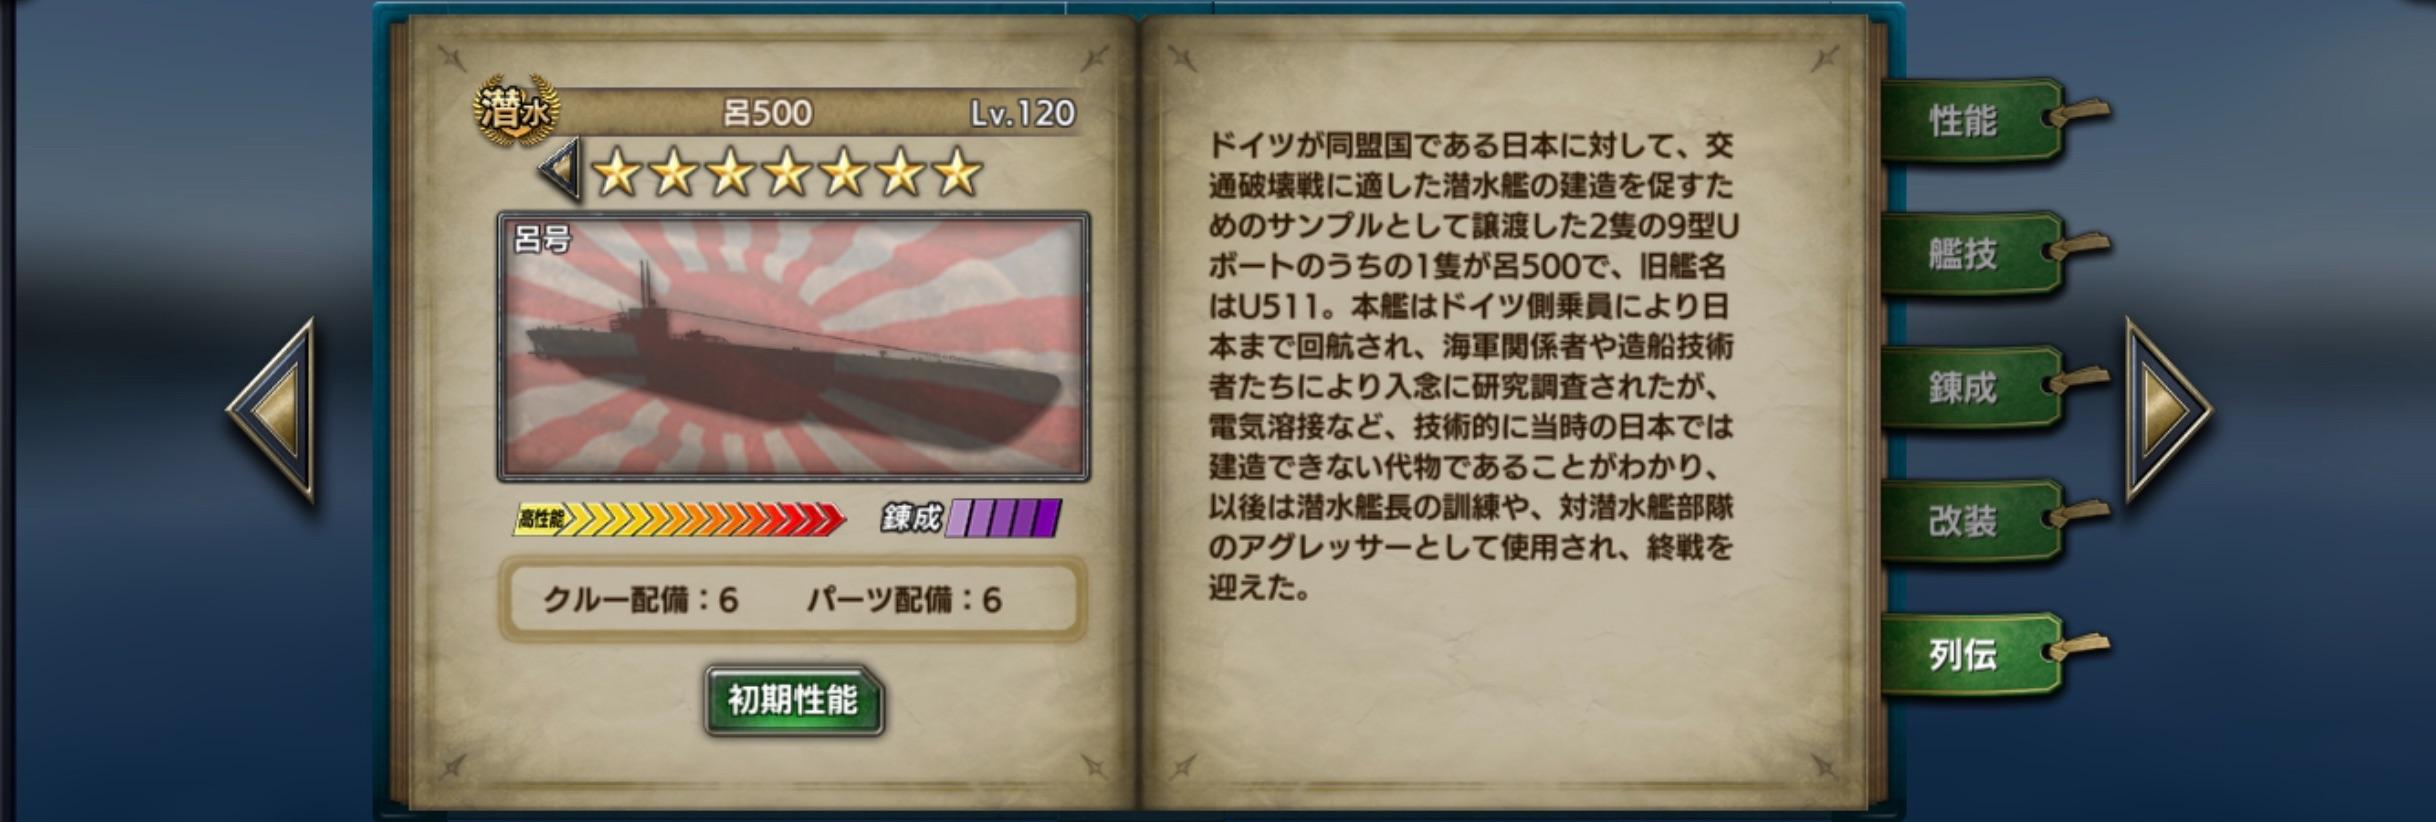 ro500-history